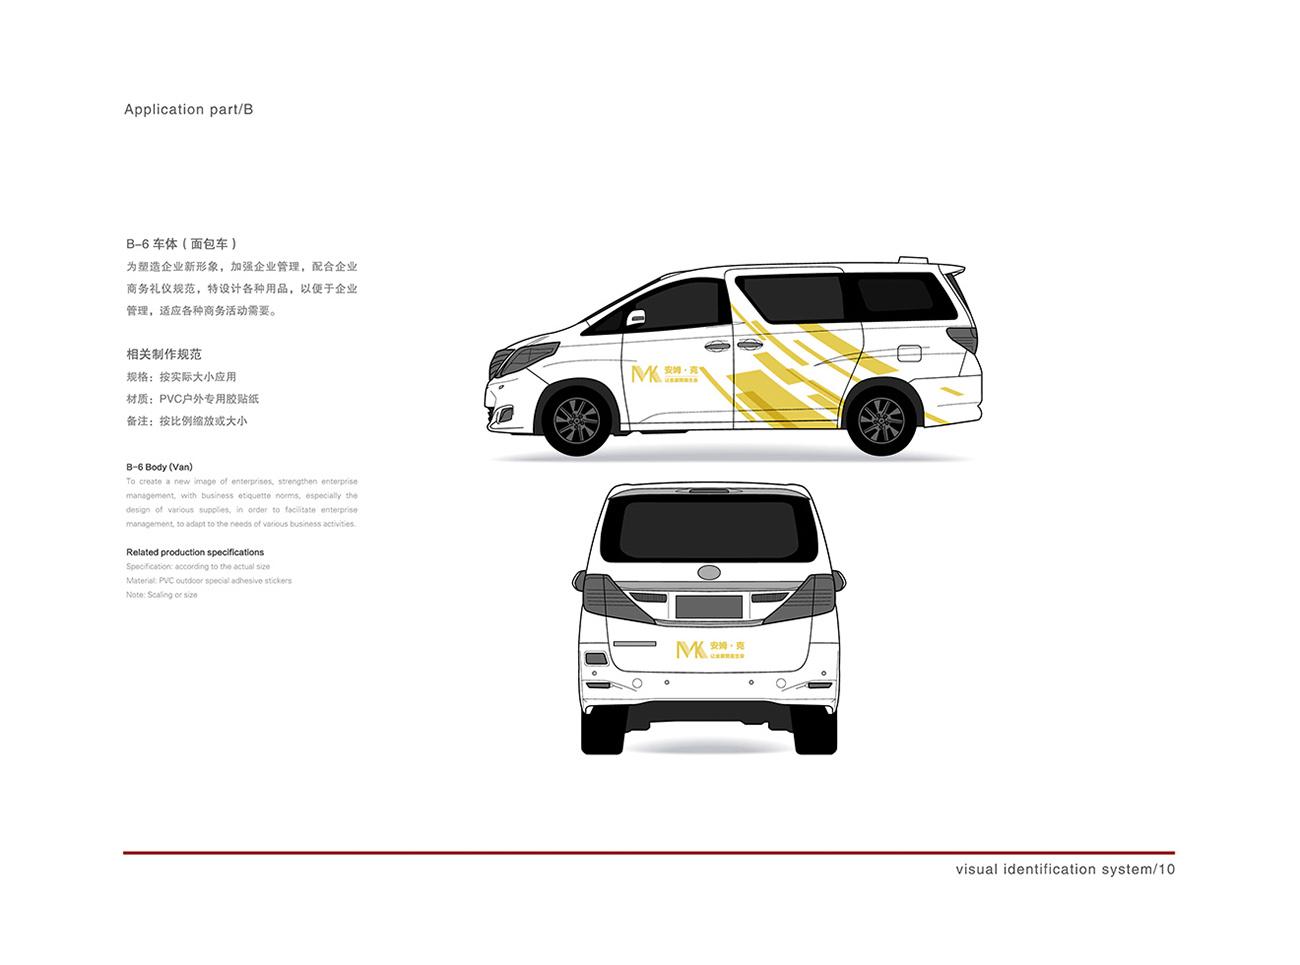 安姆·克企业VI-10.jpg